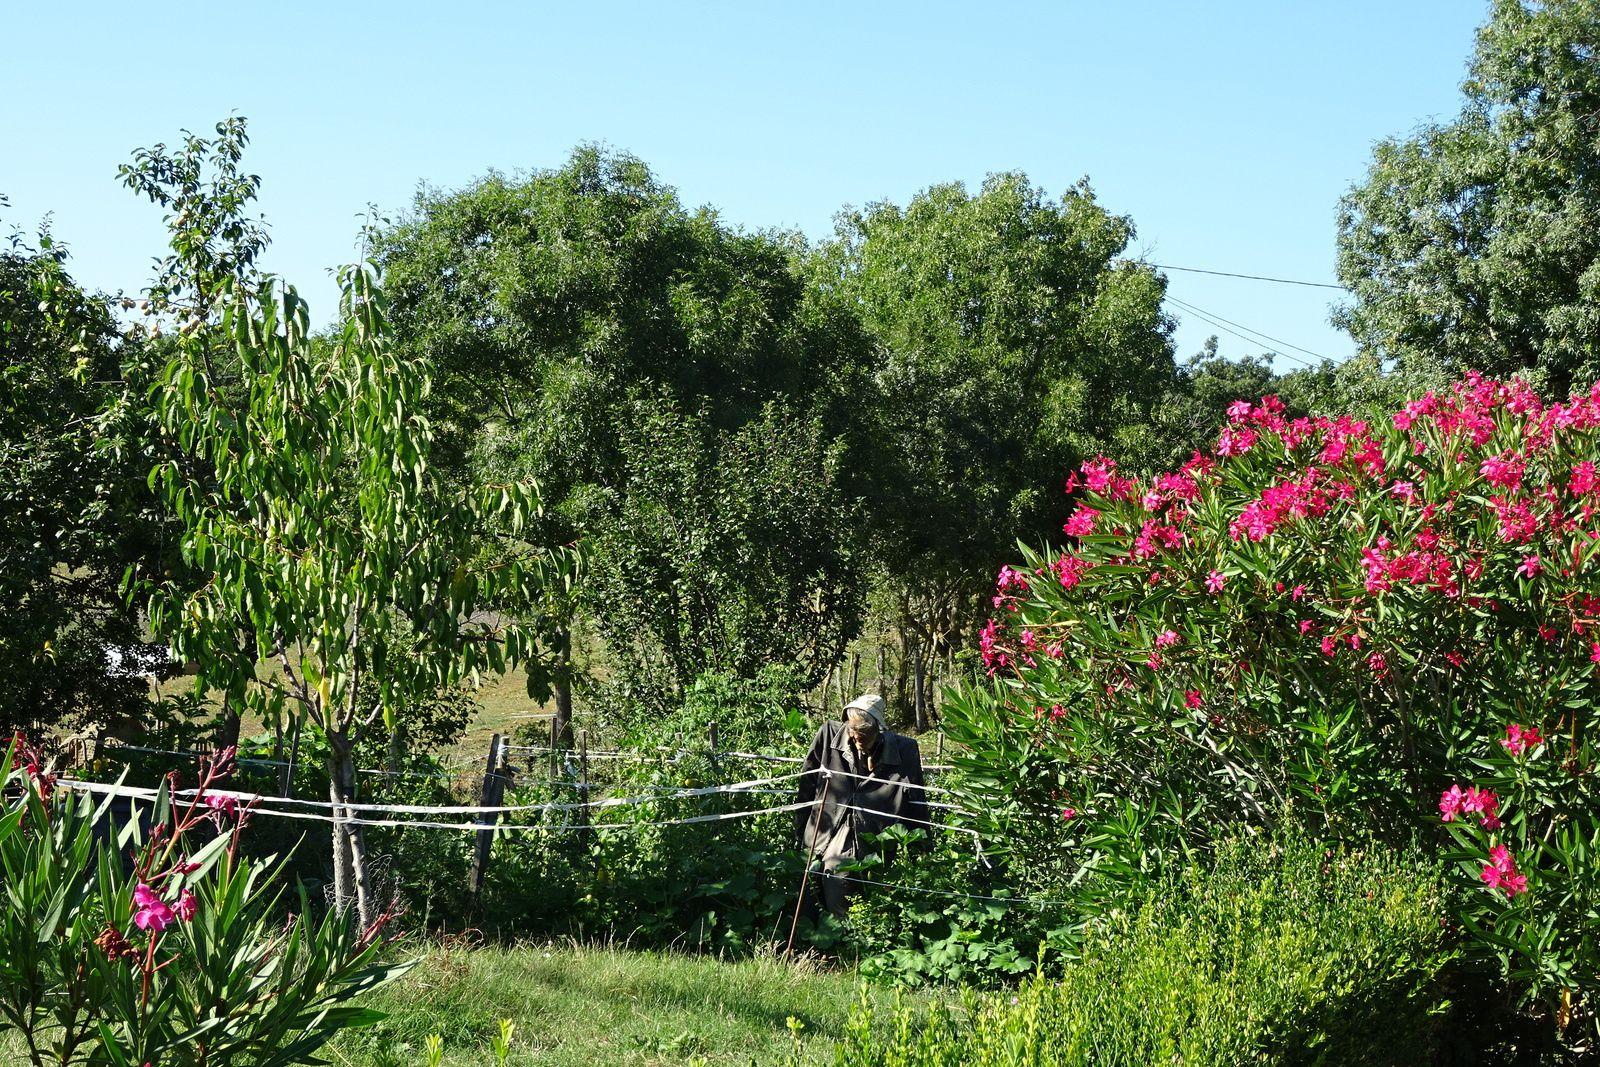 Nous sommes à 5/6 kilomètres du premier village au milieu de la nature. Nous nous réveillons au chant du coq. Dans la journée les cigales  prennent le relais.